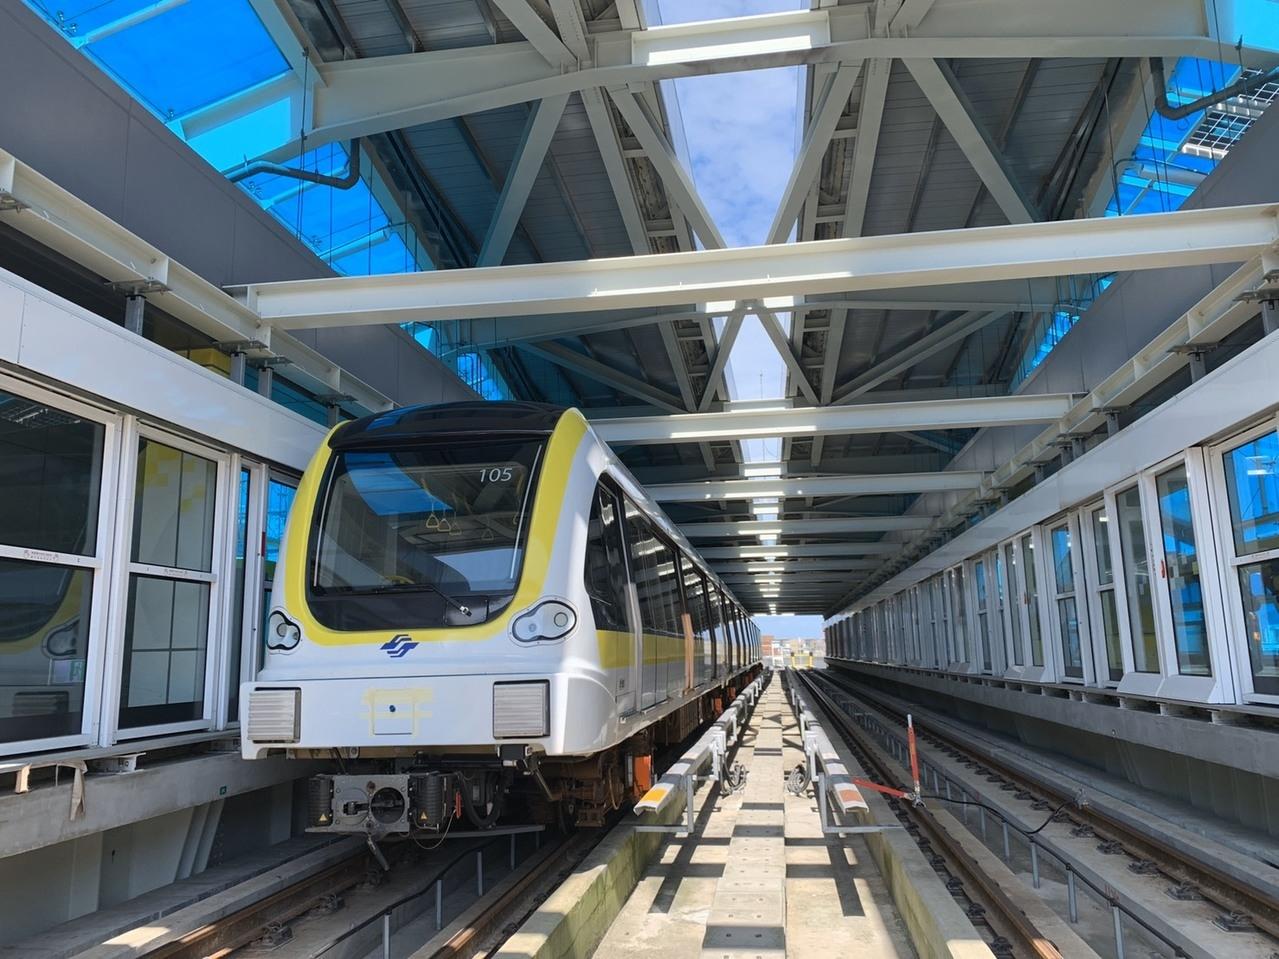 捷運新北環狀線第一階段預計今年底通車。 圖/聯合報系資料照片